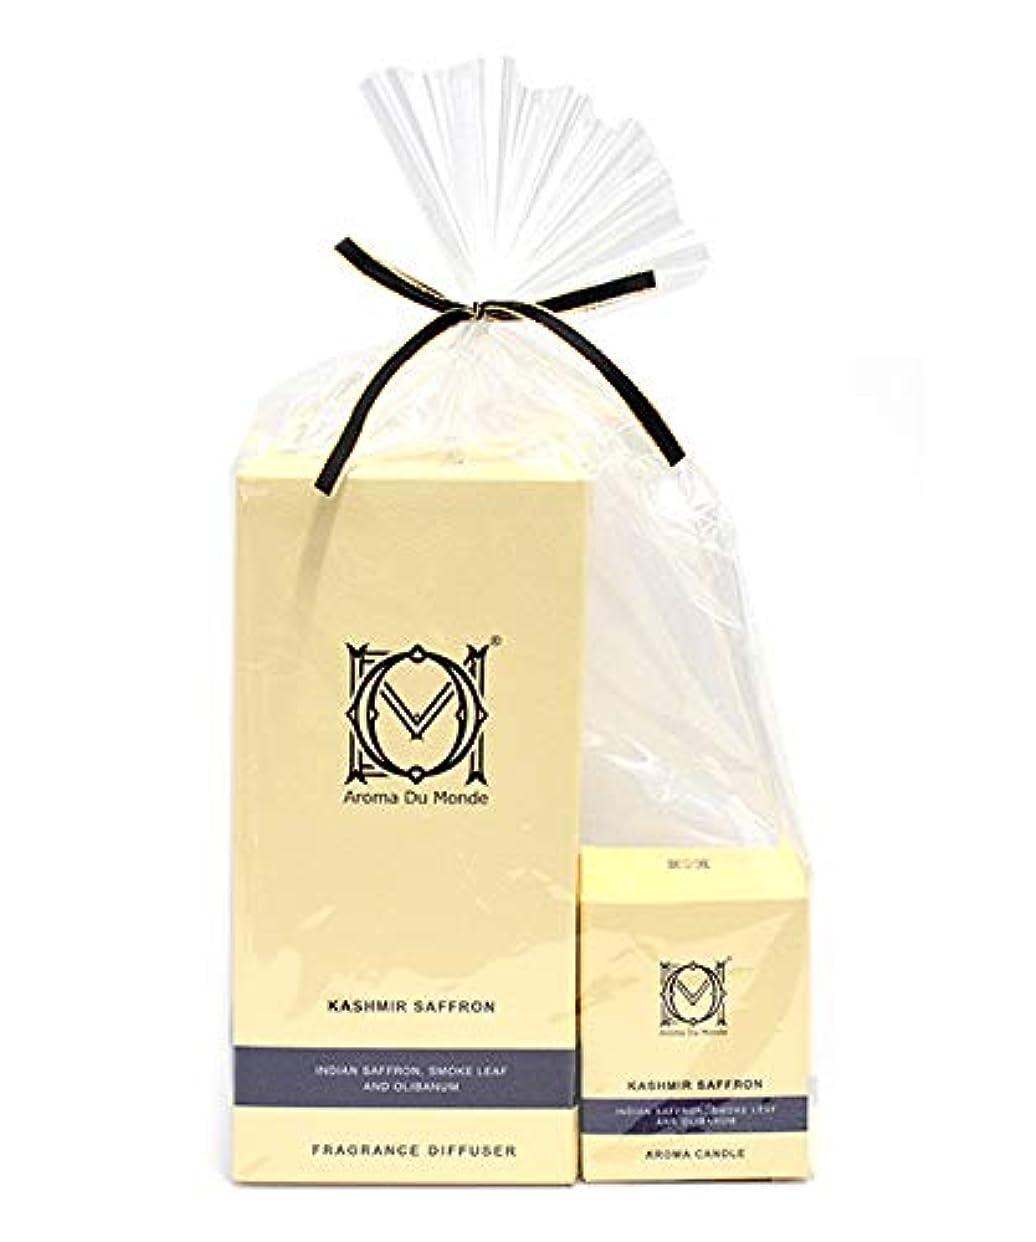 クロール緊急鑑定フレグランスディフューザー&キャンドル カシミールサフラン セット Aroma Du Monde/ADM Fragrance Diffuser & Candle Kashmir Saffron 81160